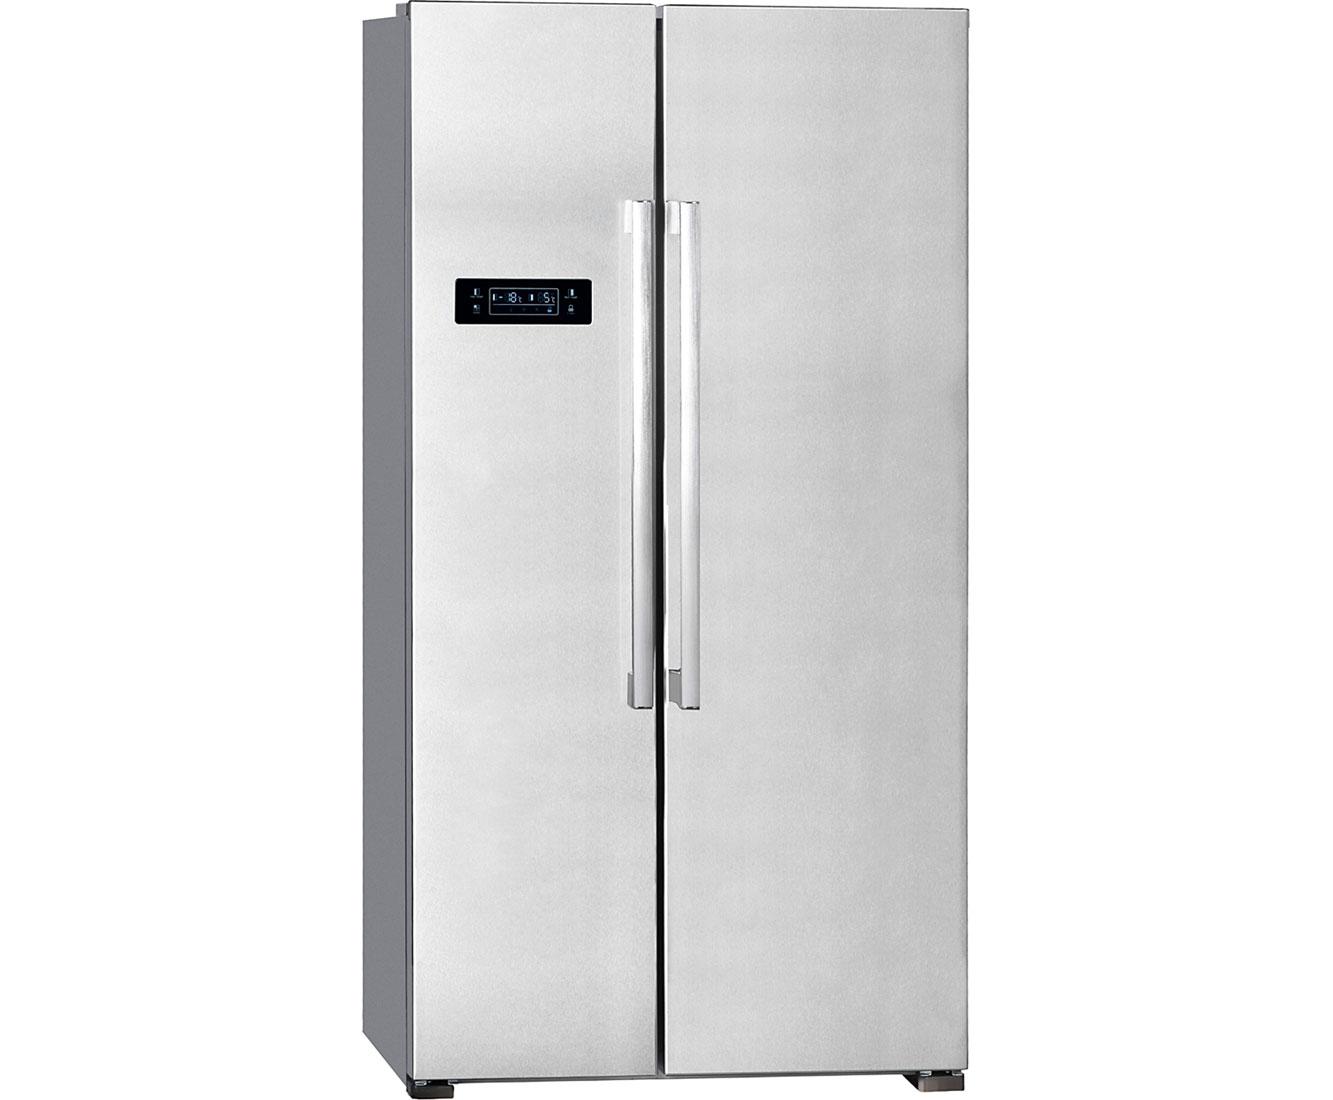 Amerikanischer Kühlschrank Sale : Exquisit sbs 550 4 a amerikanischer side by side 517l edelstahl